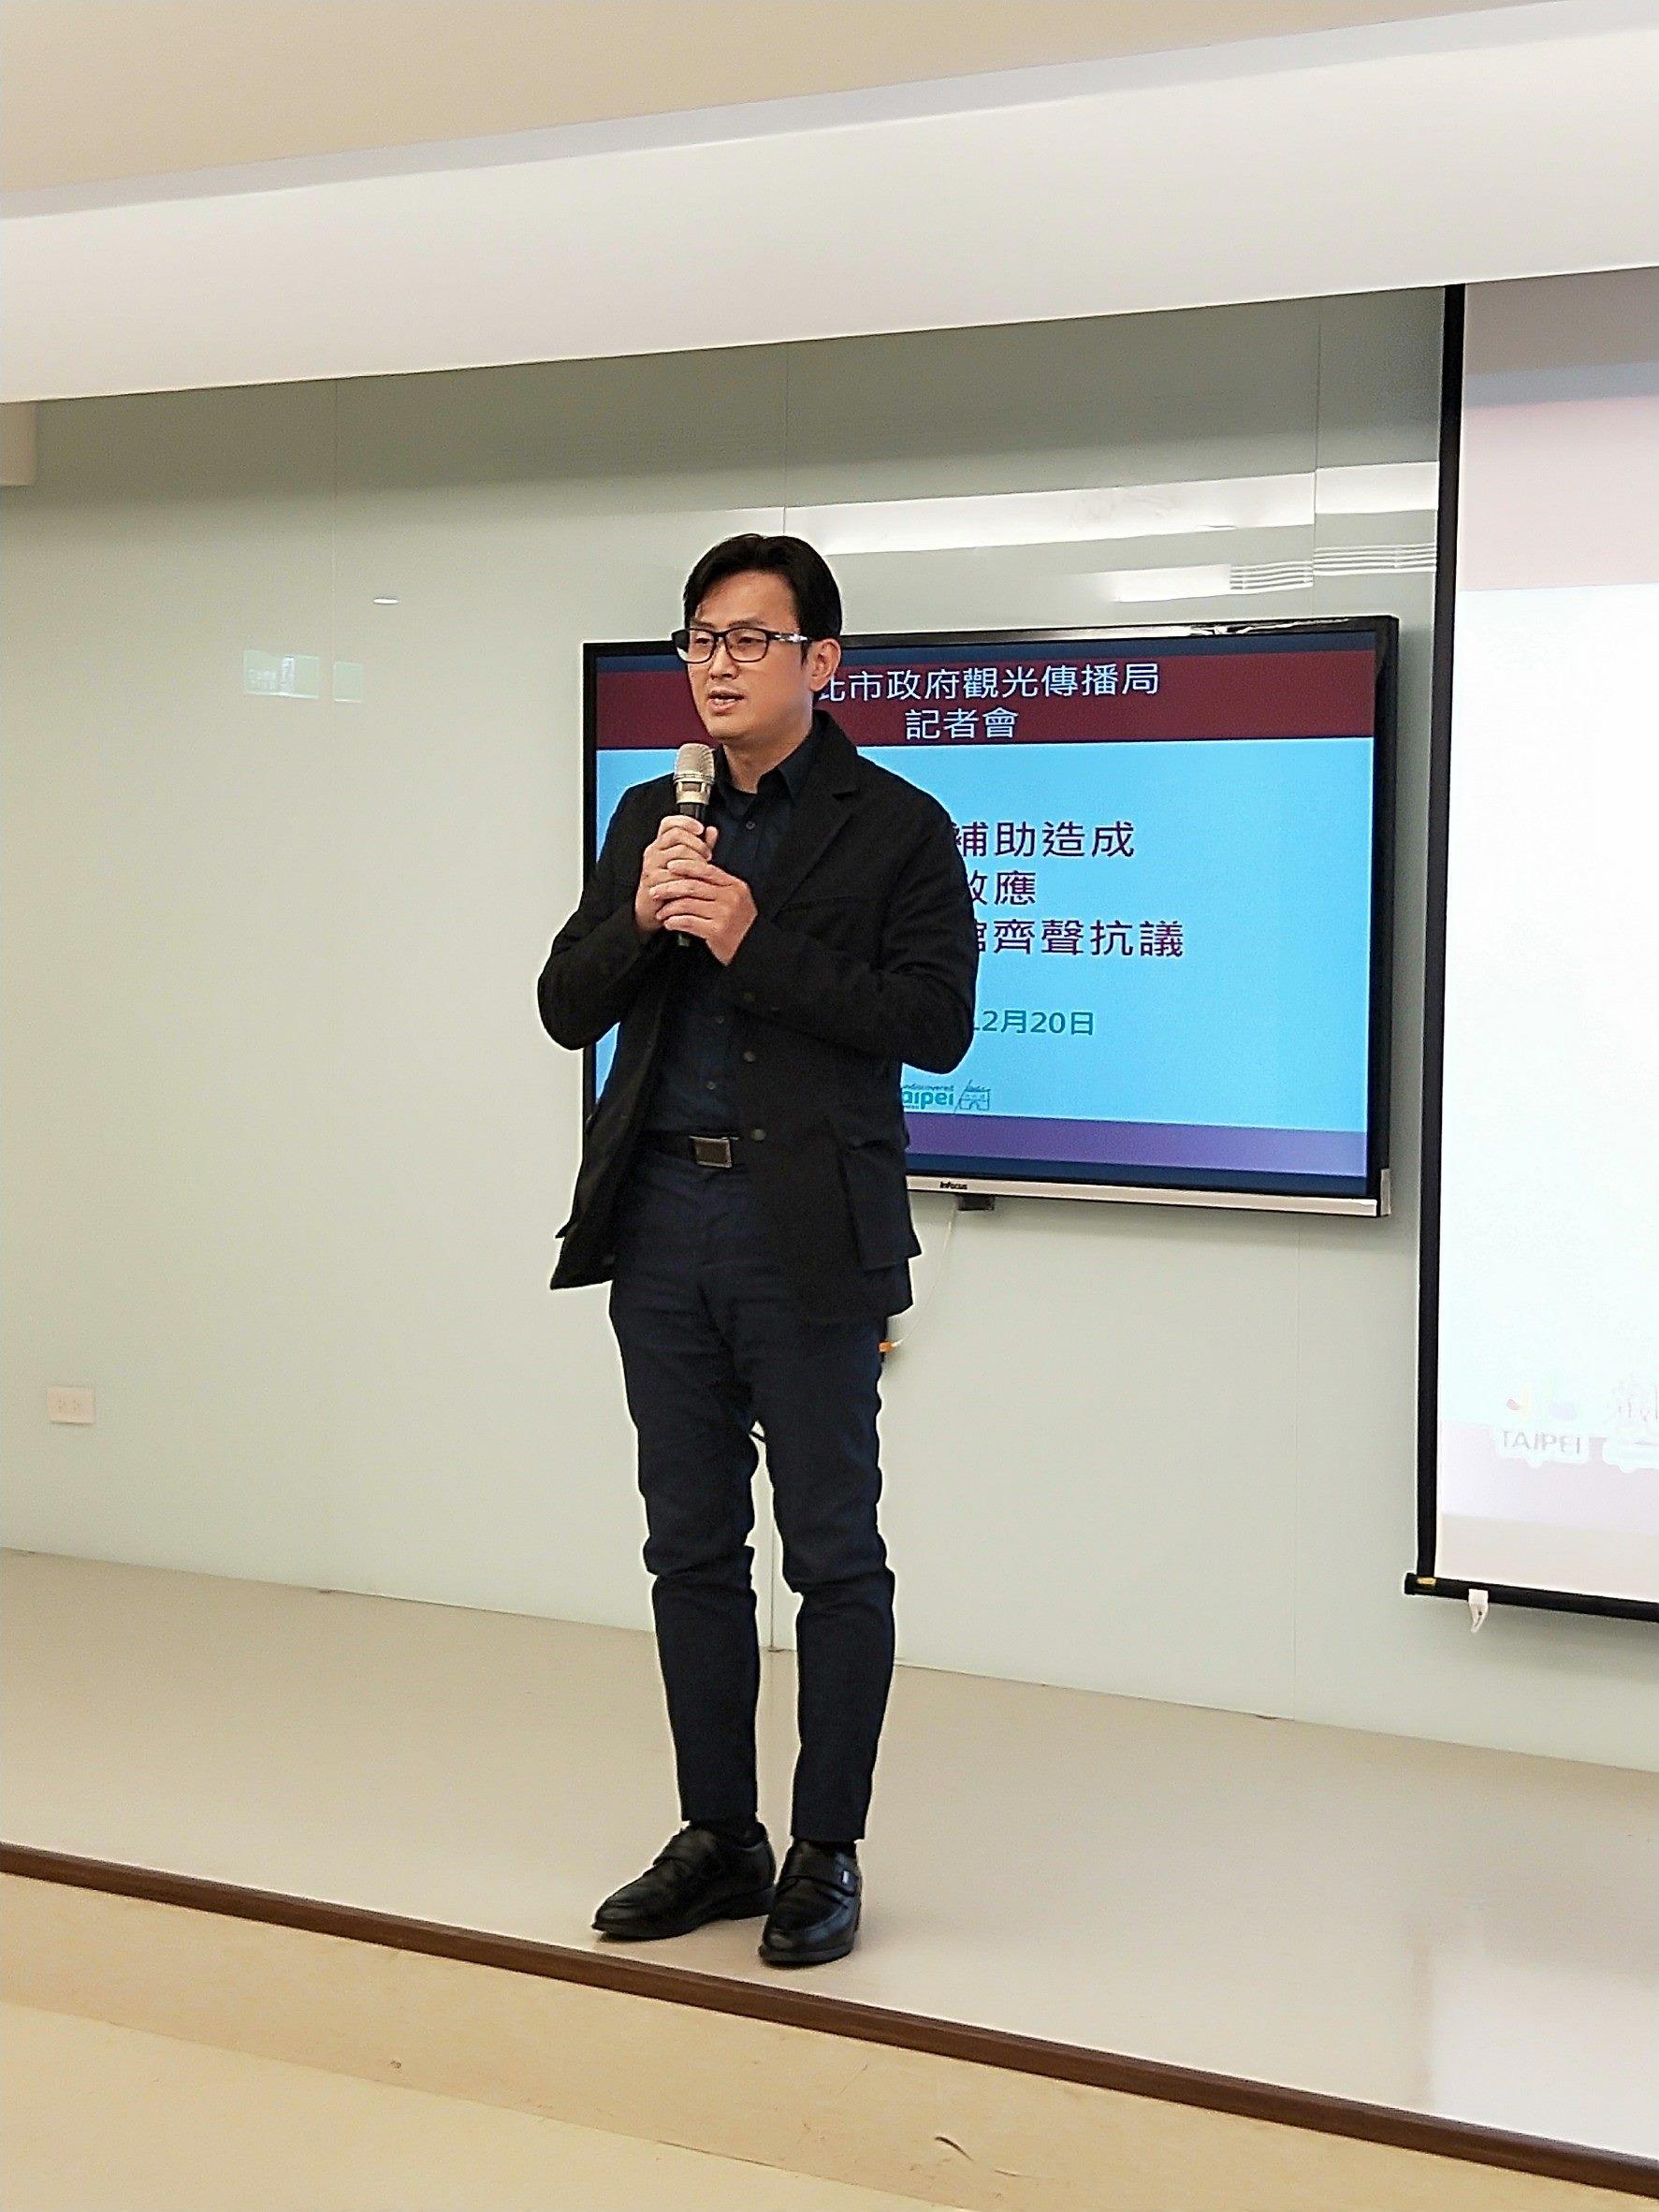 台灣旅宿生活產業協會魏秋富理事長現身與觀傳局齊聲呼籲